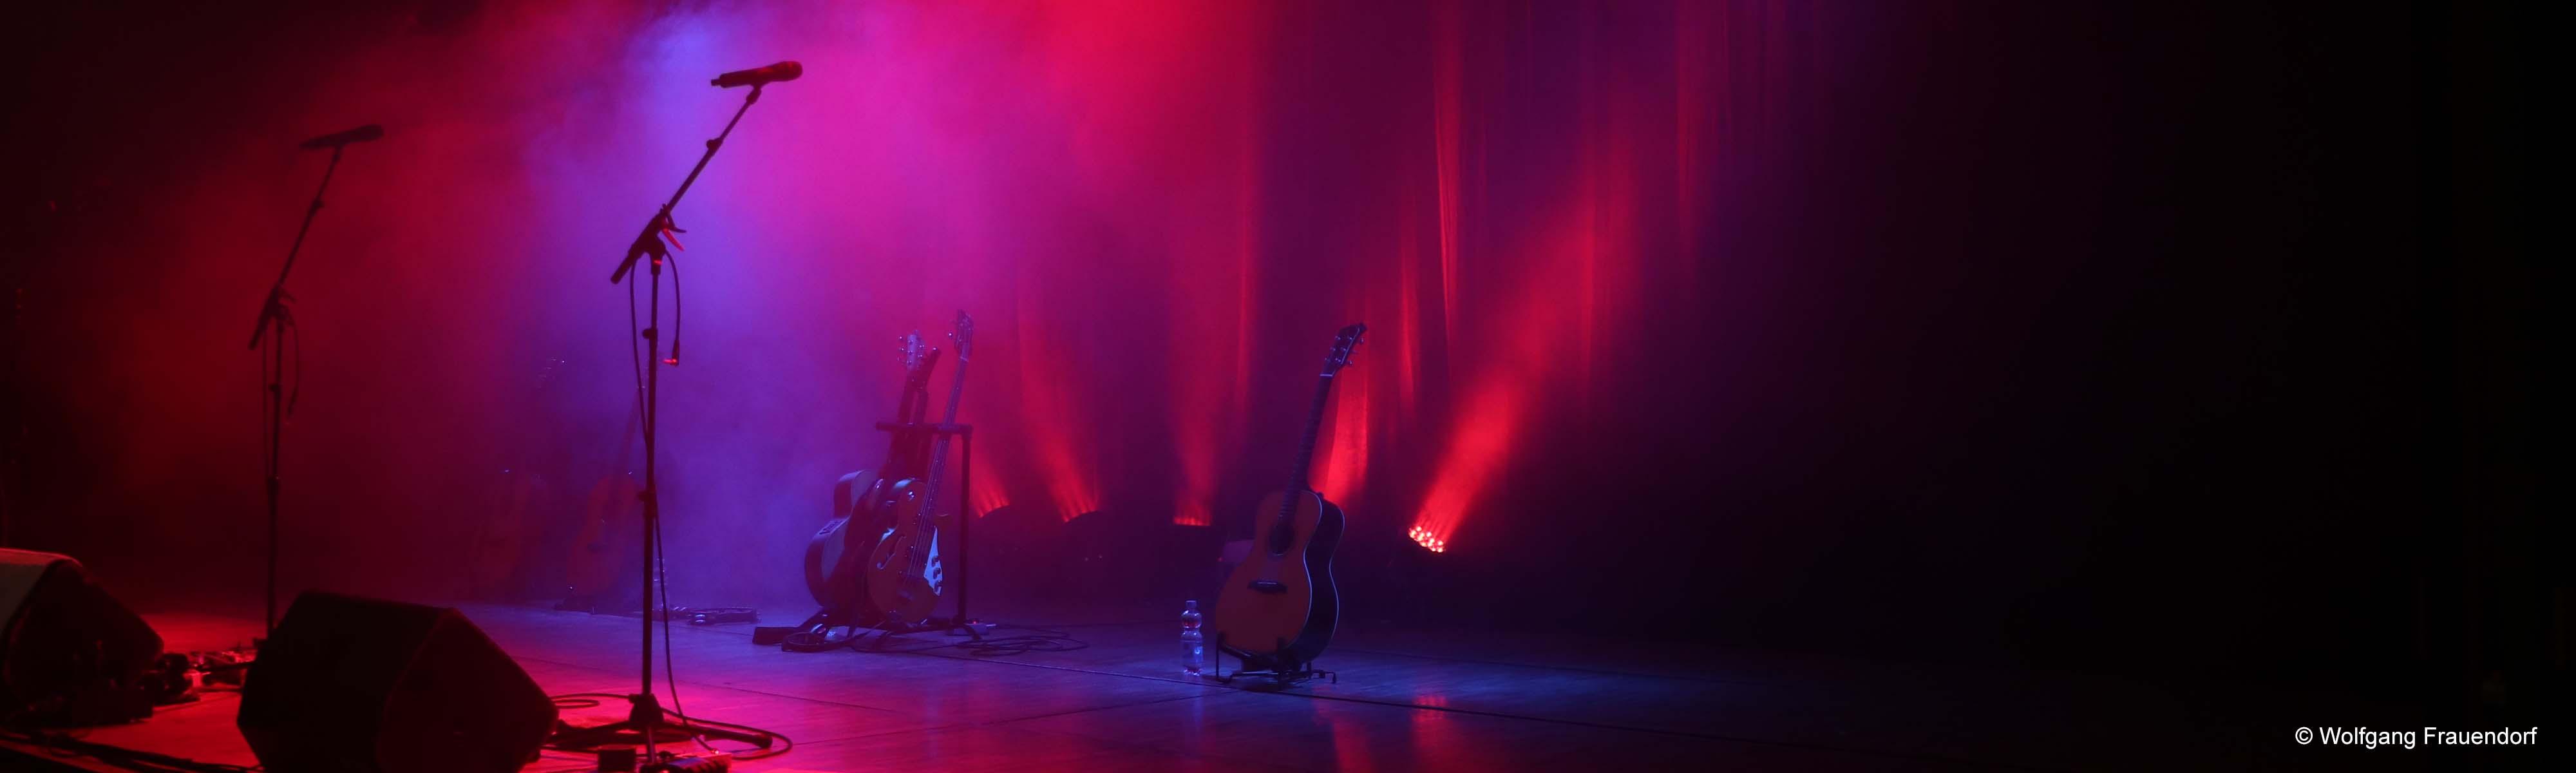 Bühnenbild mit roten Scheinwerfern Gitarren Mikrofone